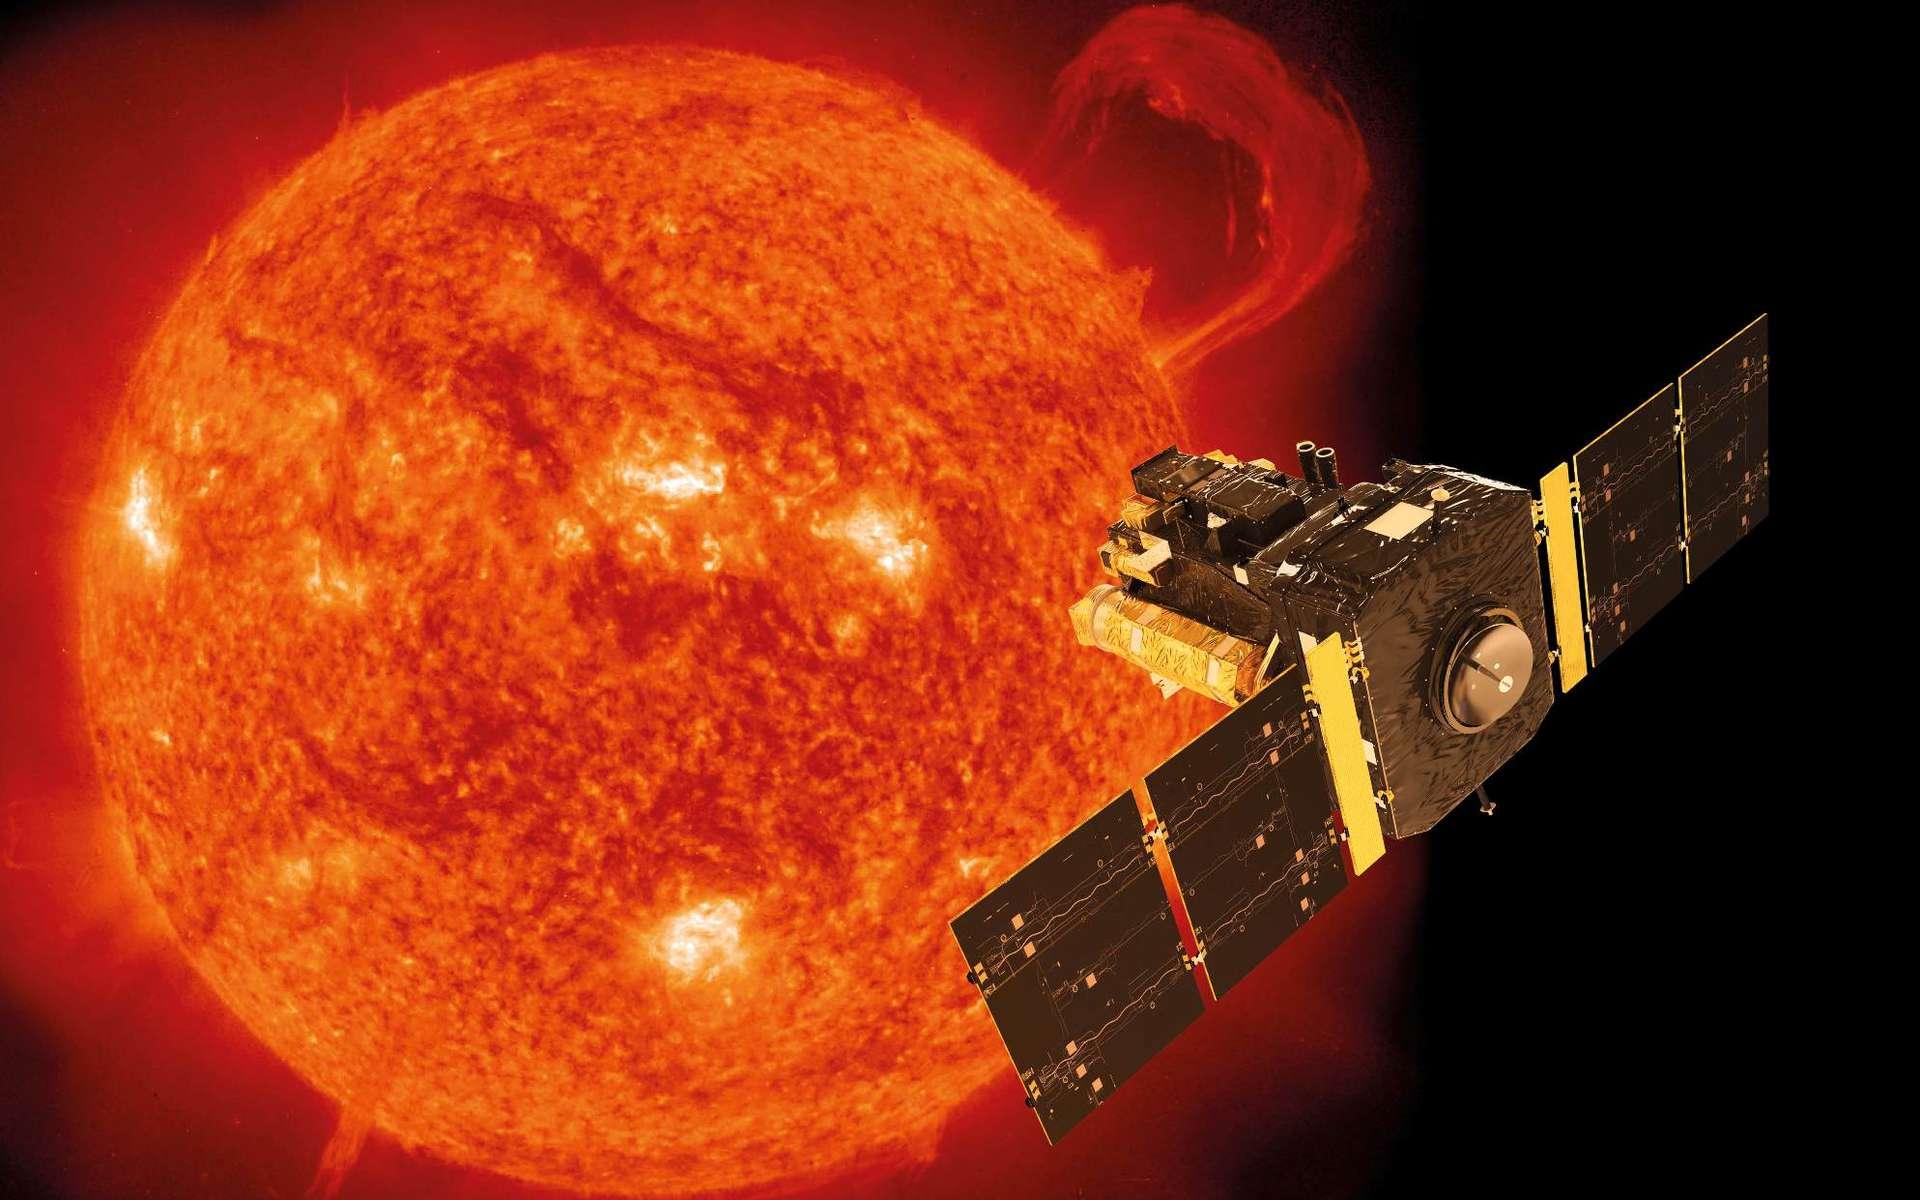 Le cœur du Soleil tourne 4 fois plus vite que sa surface. Ici, une illustration de Soho superposée à une image de notre étoile prise par le satellite le 14 septembre 1999 avec l'instrument EIT (Extreme-ultraviolet Imaging Telescope). Ce jour-là, une gigantesque protubérance en forme de poignet se développait sur le limbe du Soleil. Le pic d'activité du cycle 23 allait alors débuter. © Soho, ESA, Nasa, ATG medialab